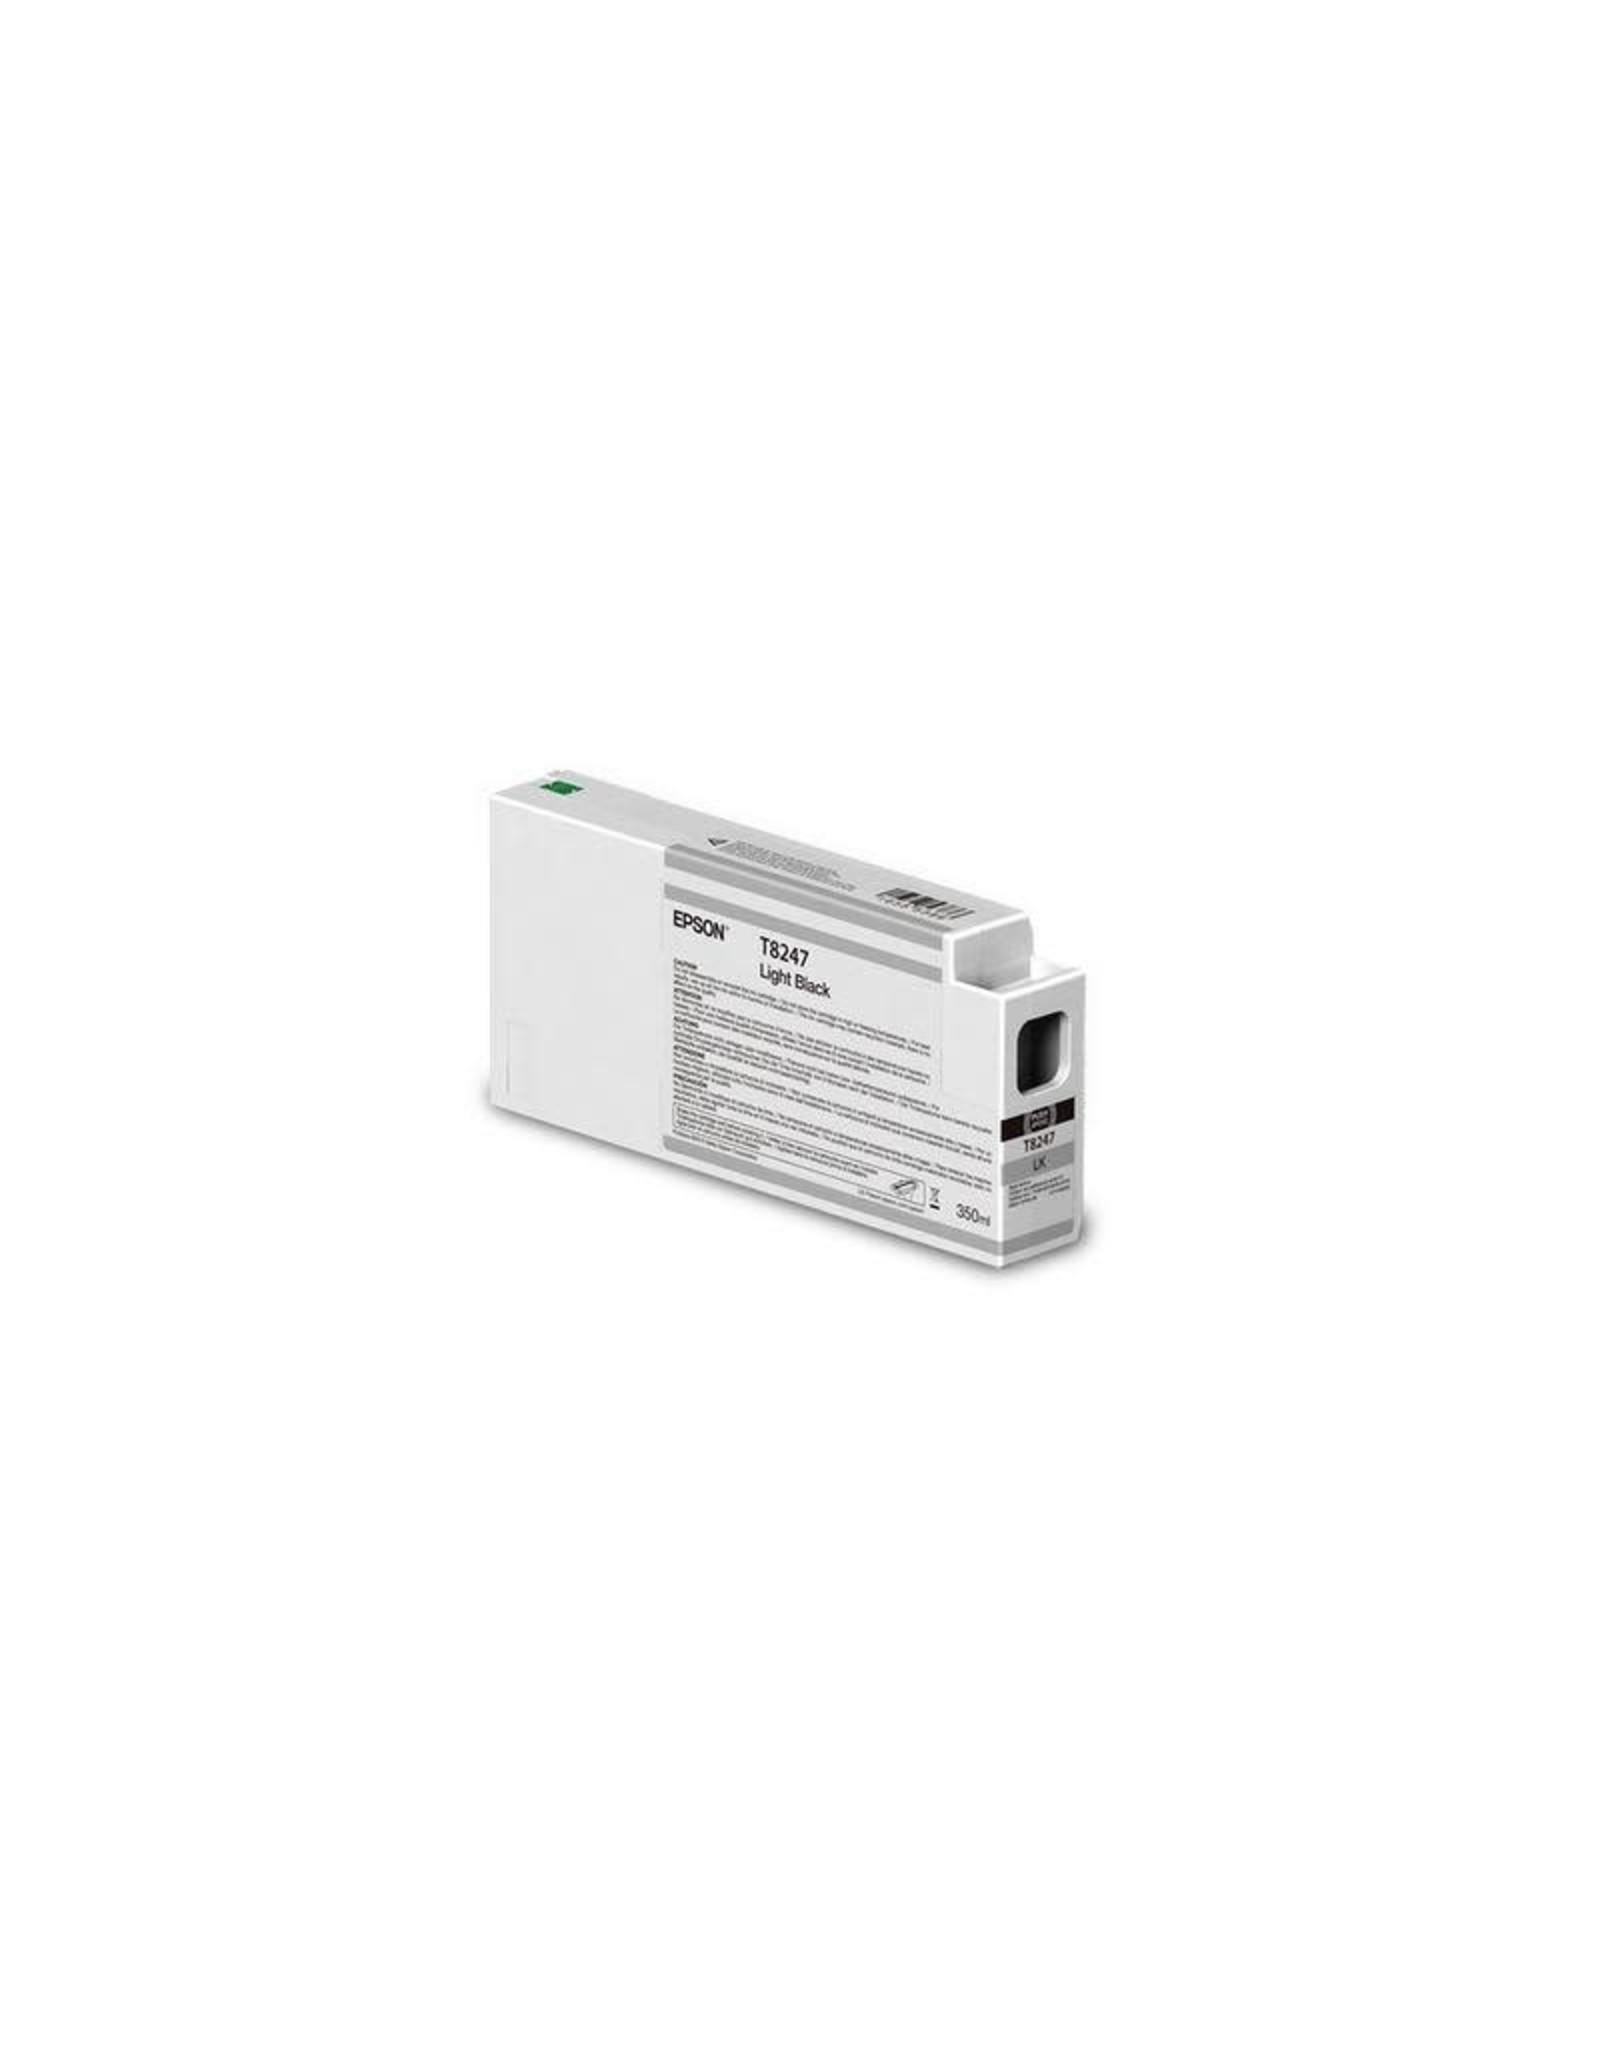 Epson Epson Ultrachrome HD Light Black Ink 350ML for SC-P7000/9000